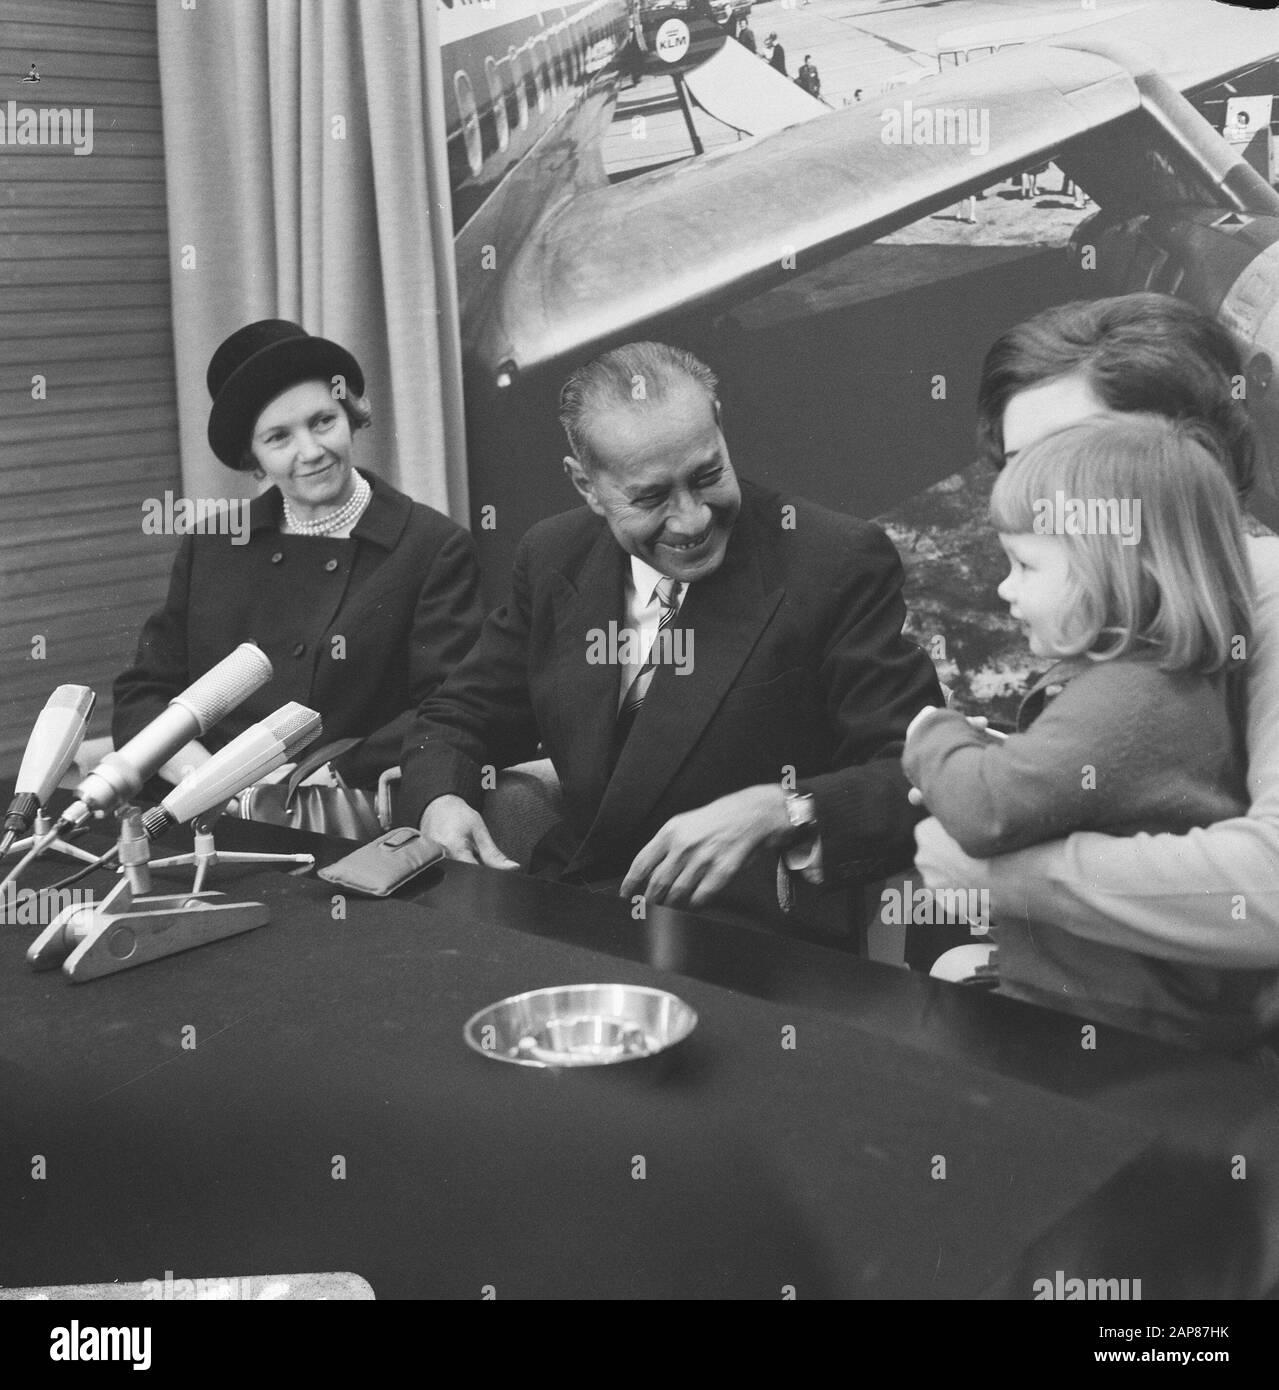 Arrivée Sultan Hamid à l'aéroport de Schiphol, pendant la conférence de presse Date: 29 décembre 1966 lieu: Noord-Holland, Schiphol mots clés: Arrivées, conférences de presse Nom personnel: Hamid II Banque D'Images